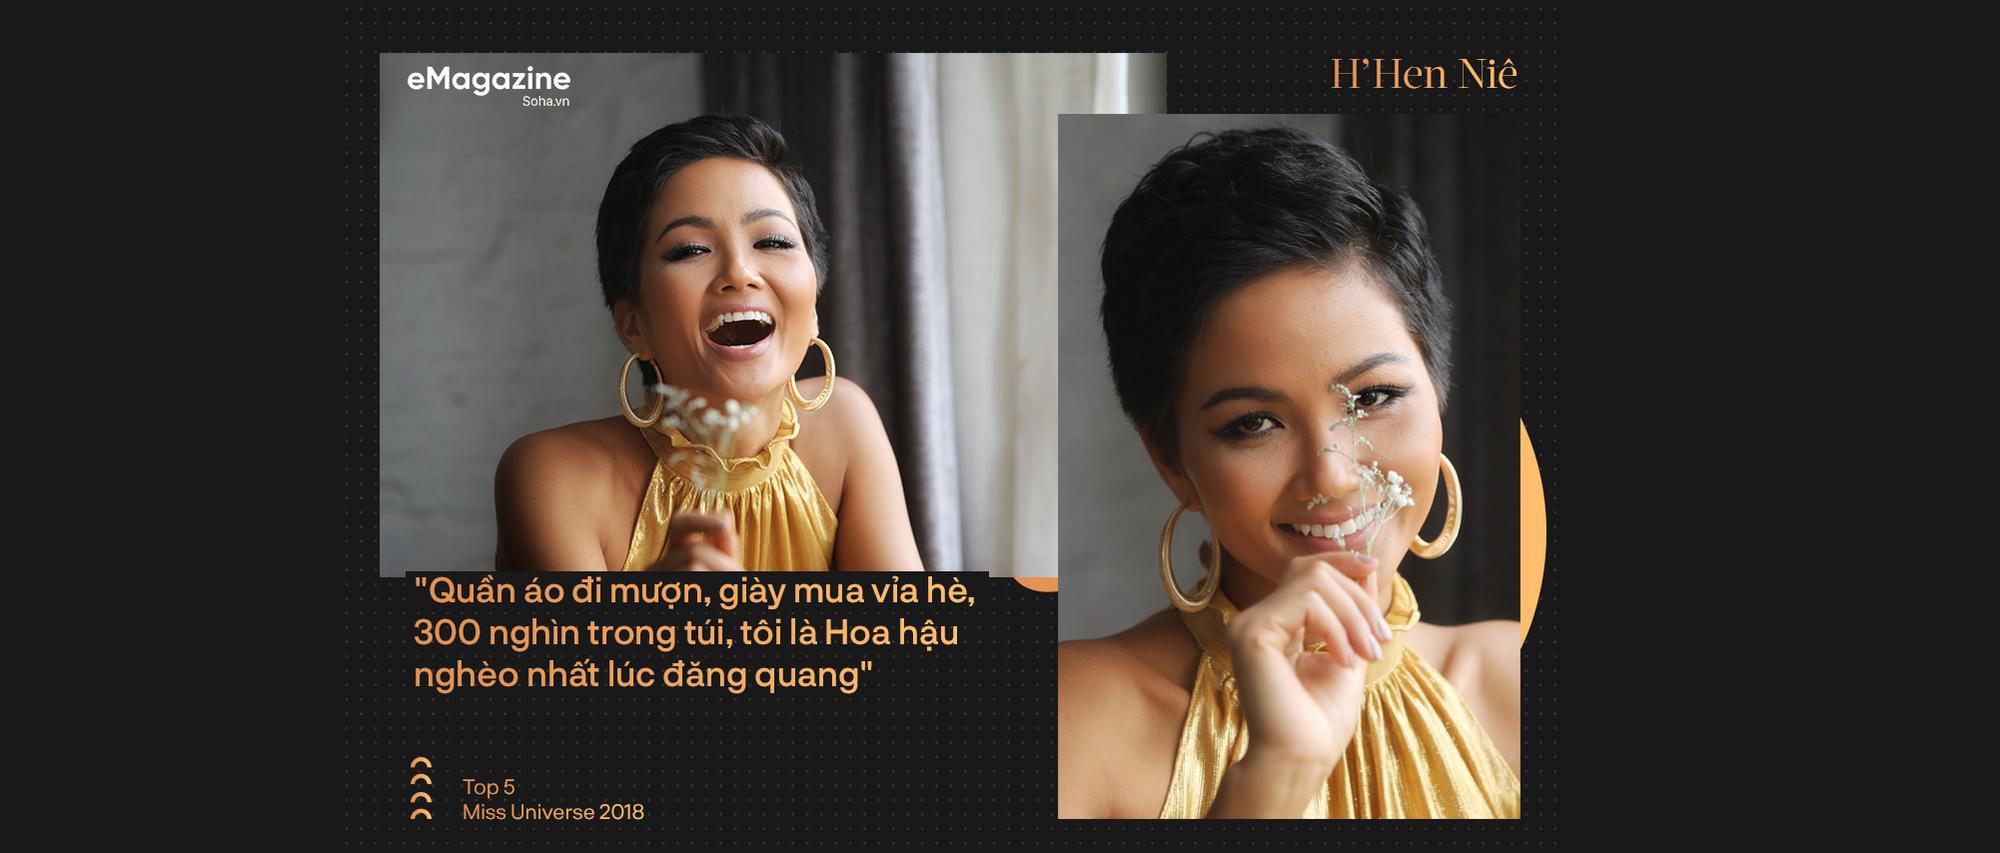 H'Hen Niê: Hoa hậu hoang dã, điên, khùng và nghèo nhất Việt Nam! - Ảnh 3.